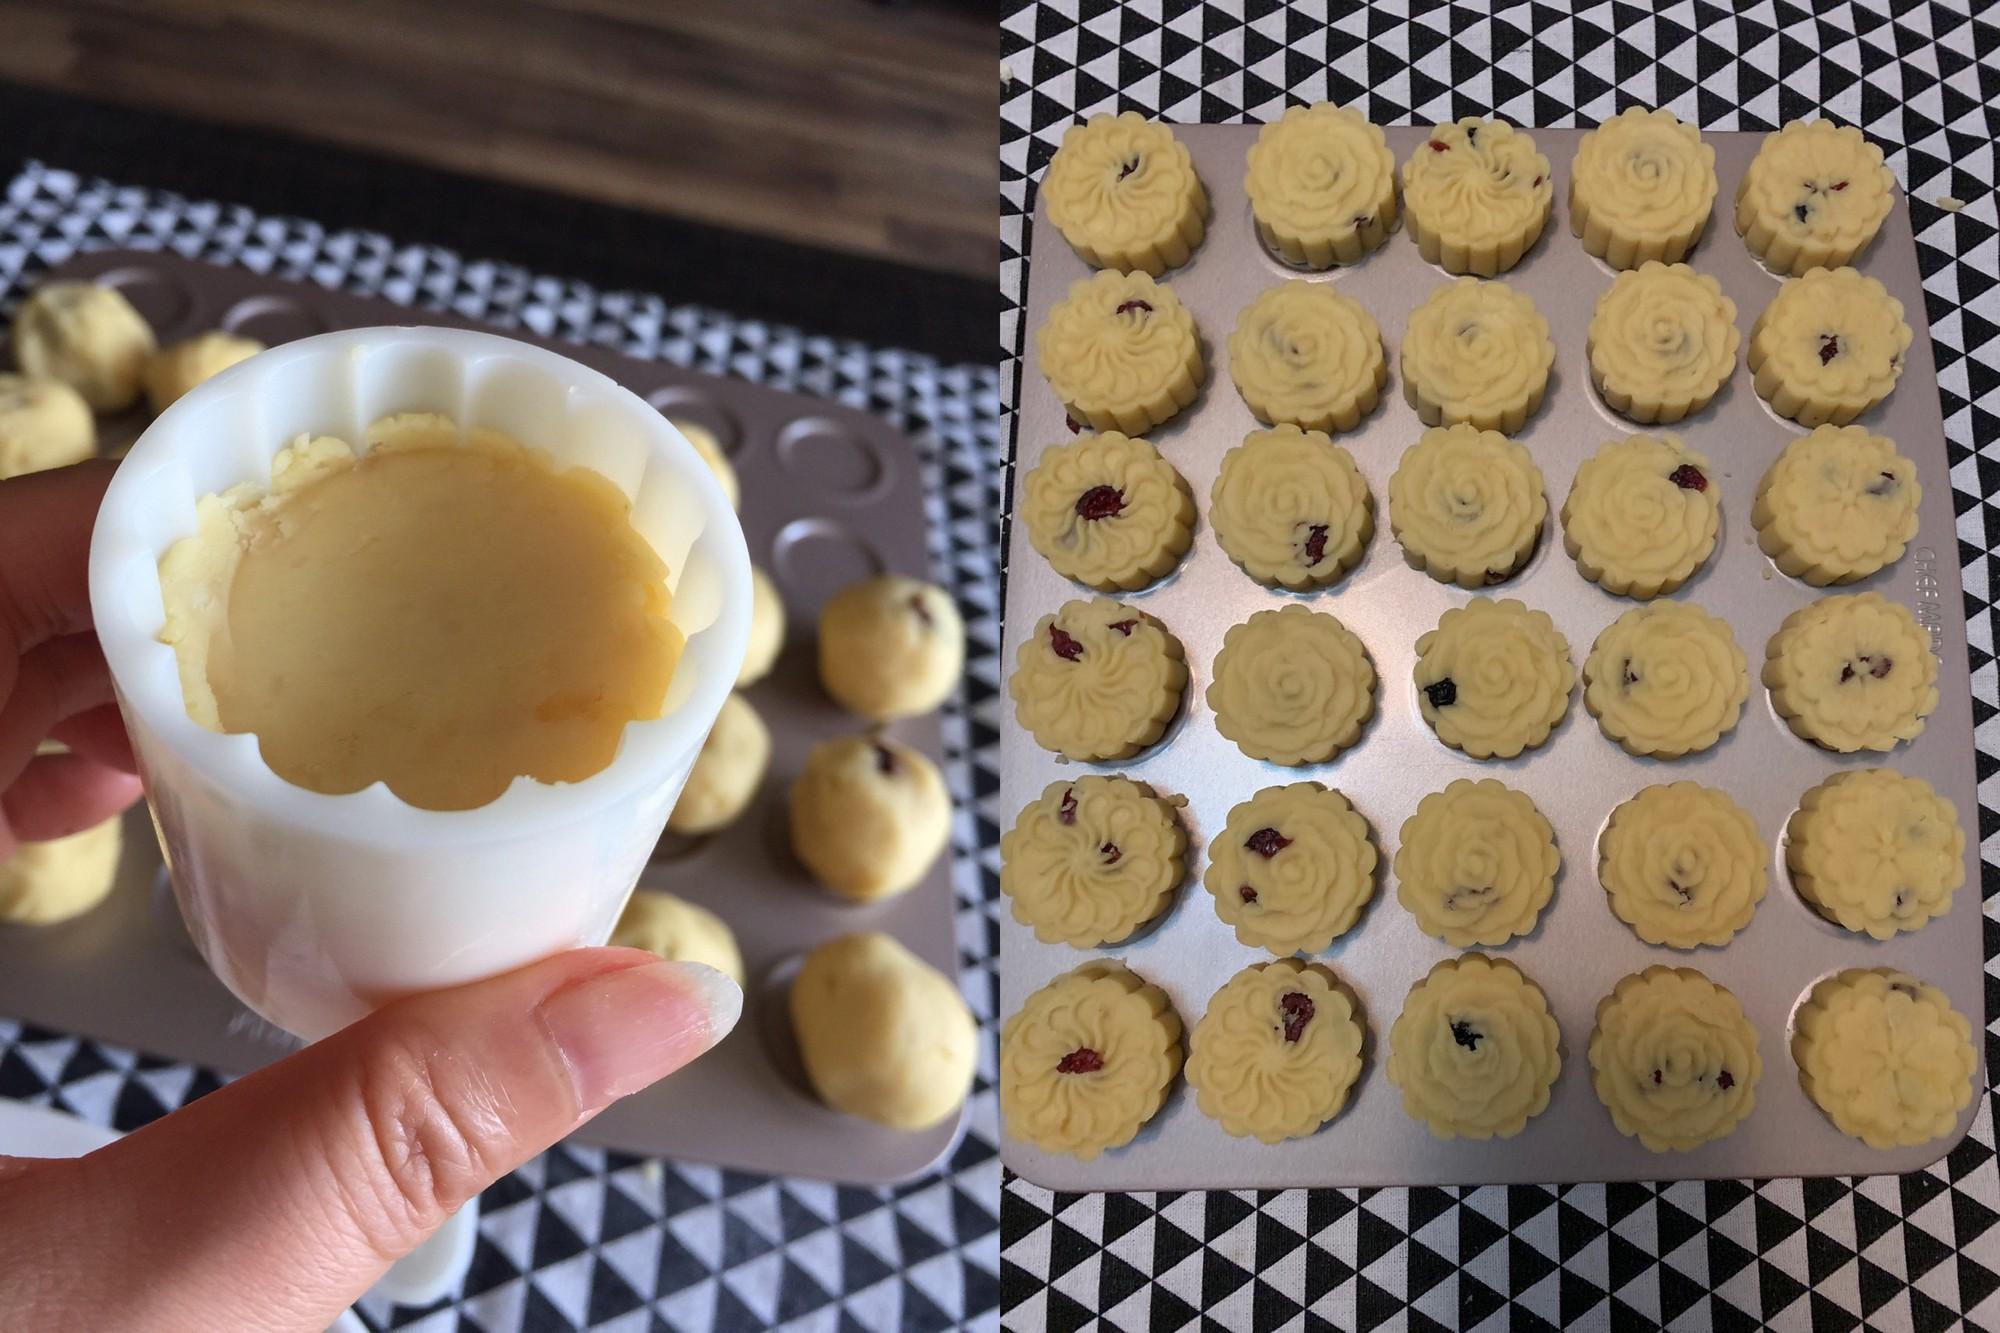 Bánh đậu xanh phô mai ngọt thơm thanh mát - Ảnh 4.